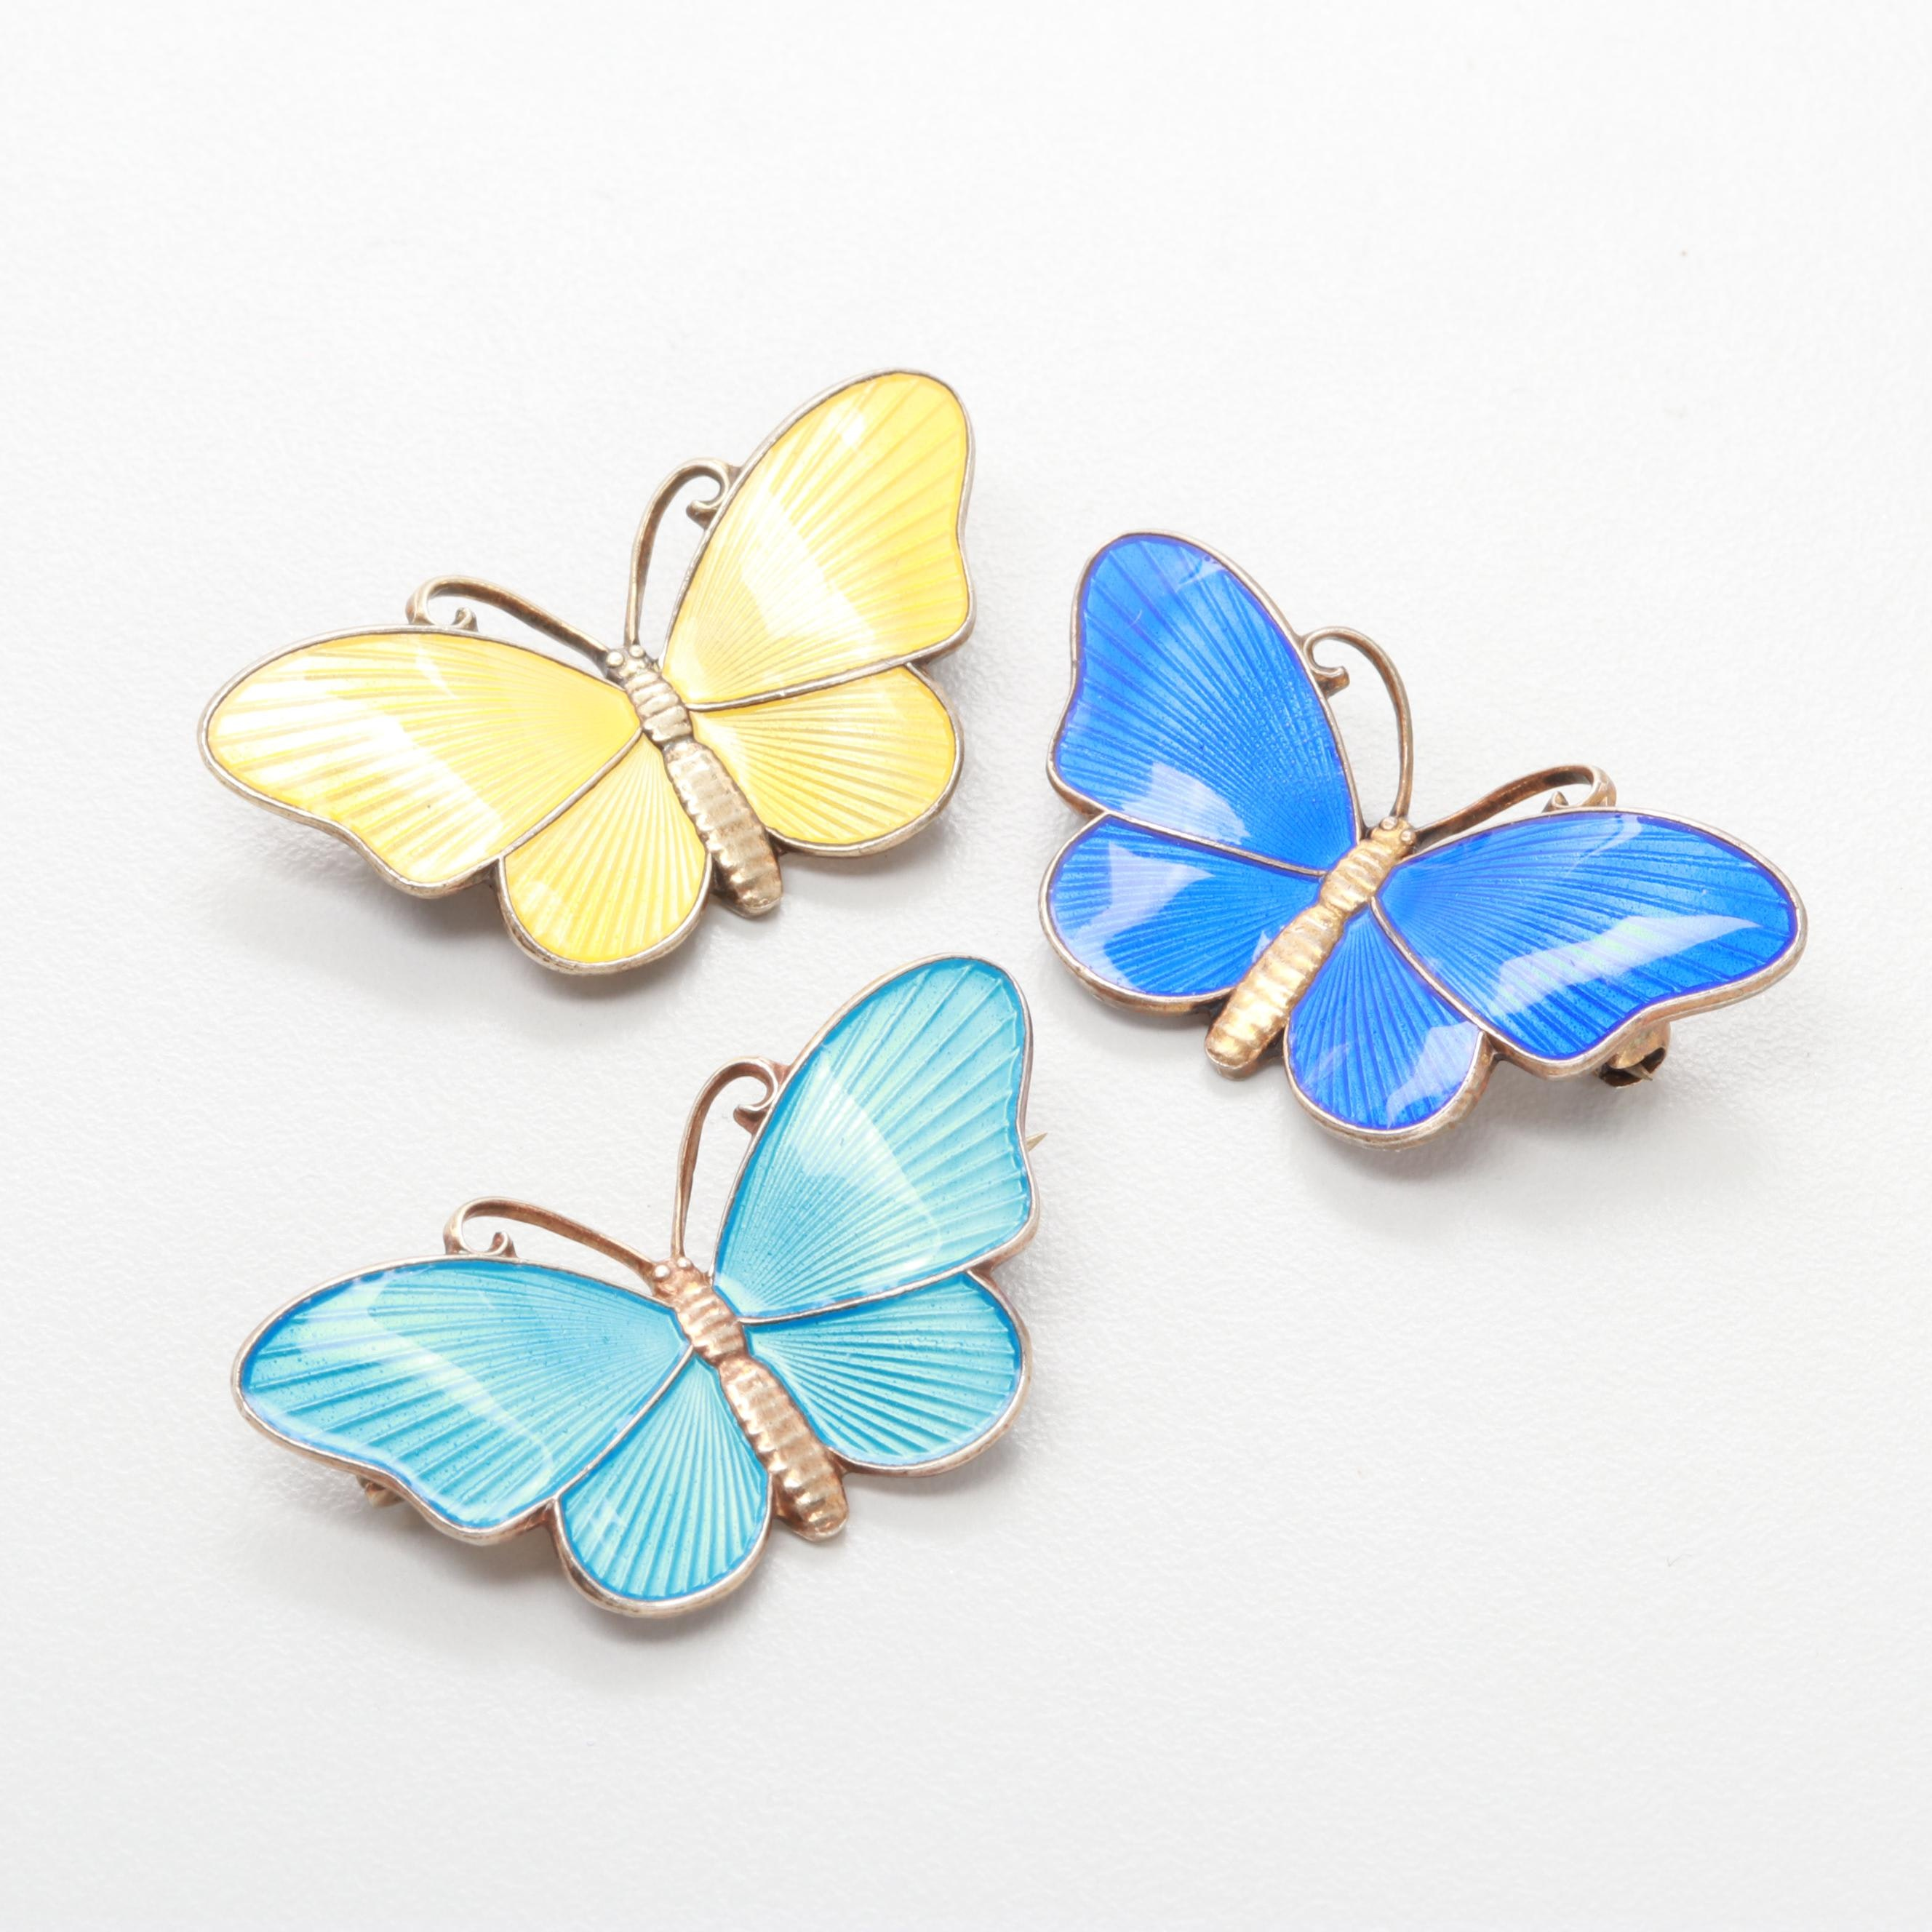 Norwegian Sterling Silver Guilloché Enamel Butterfly Brooches